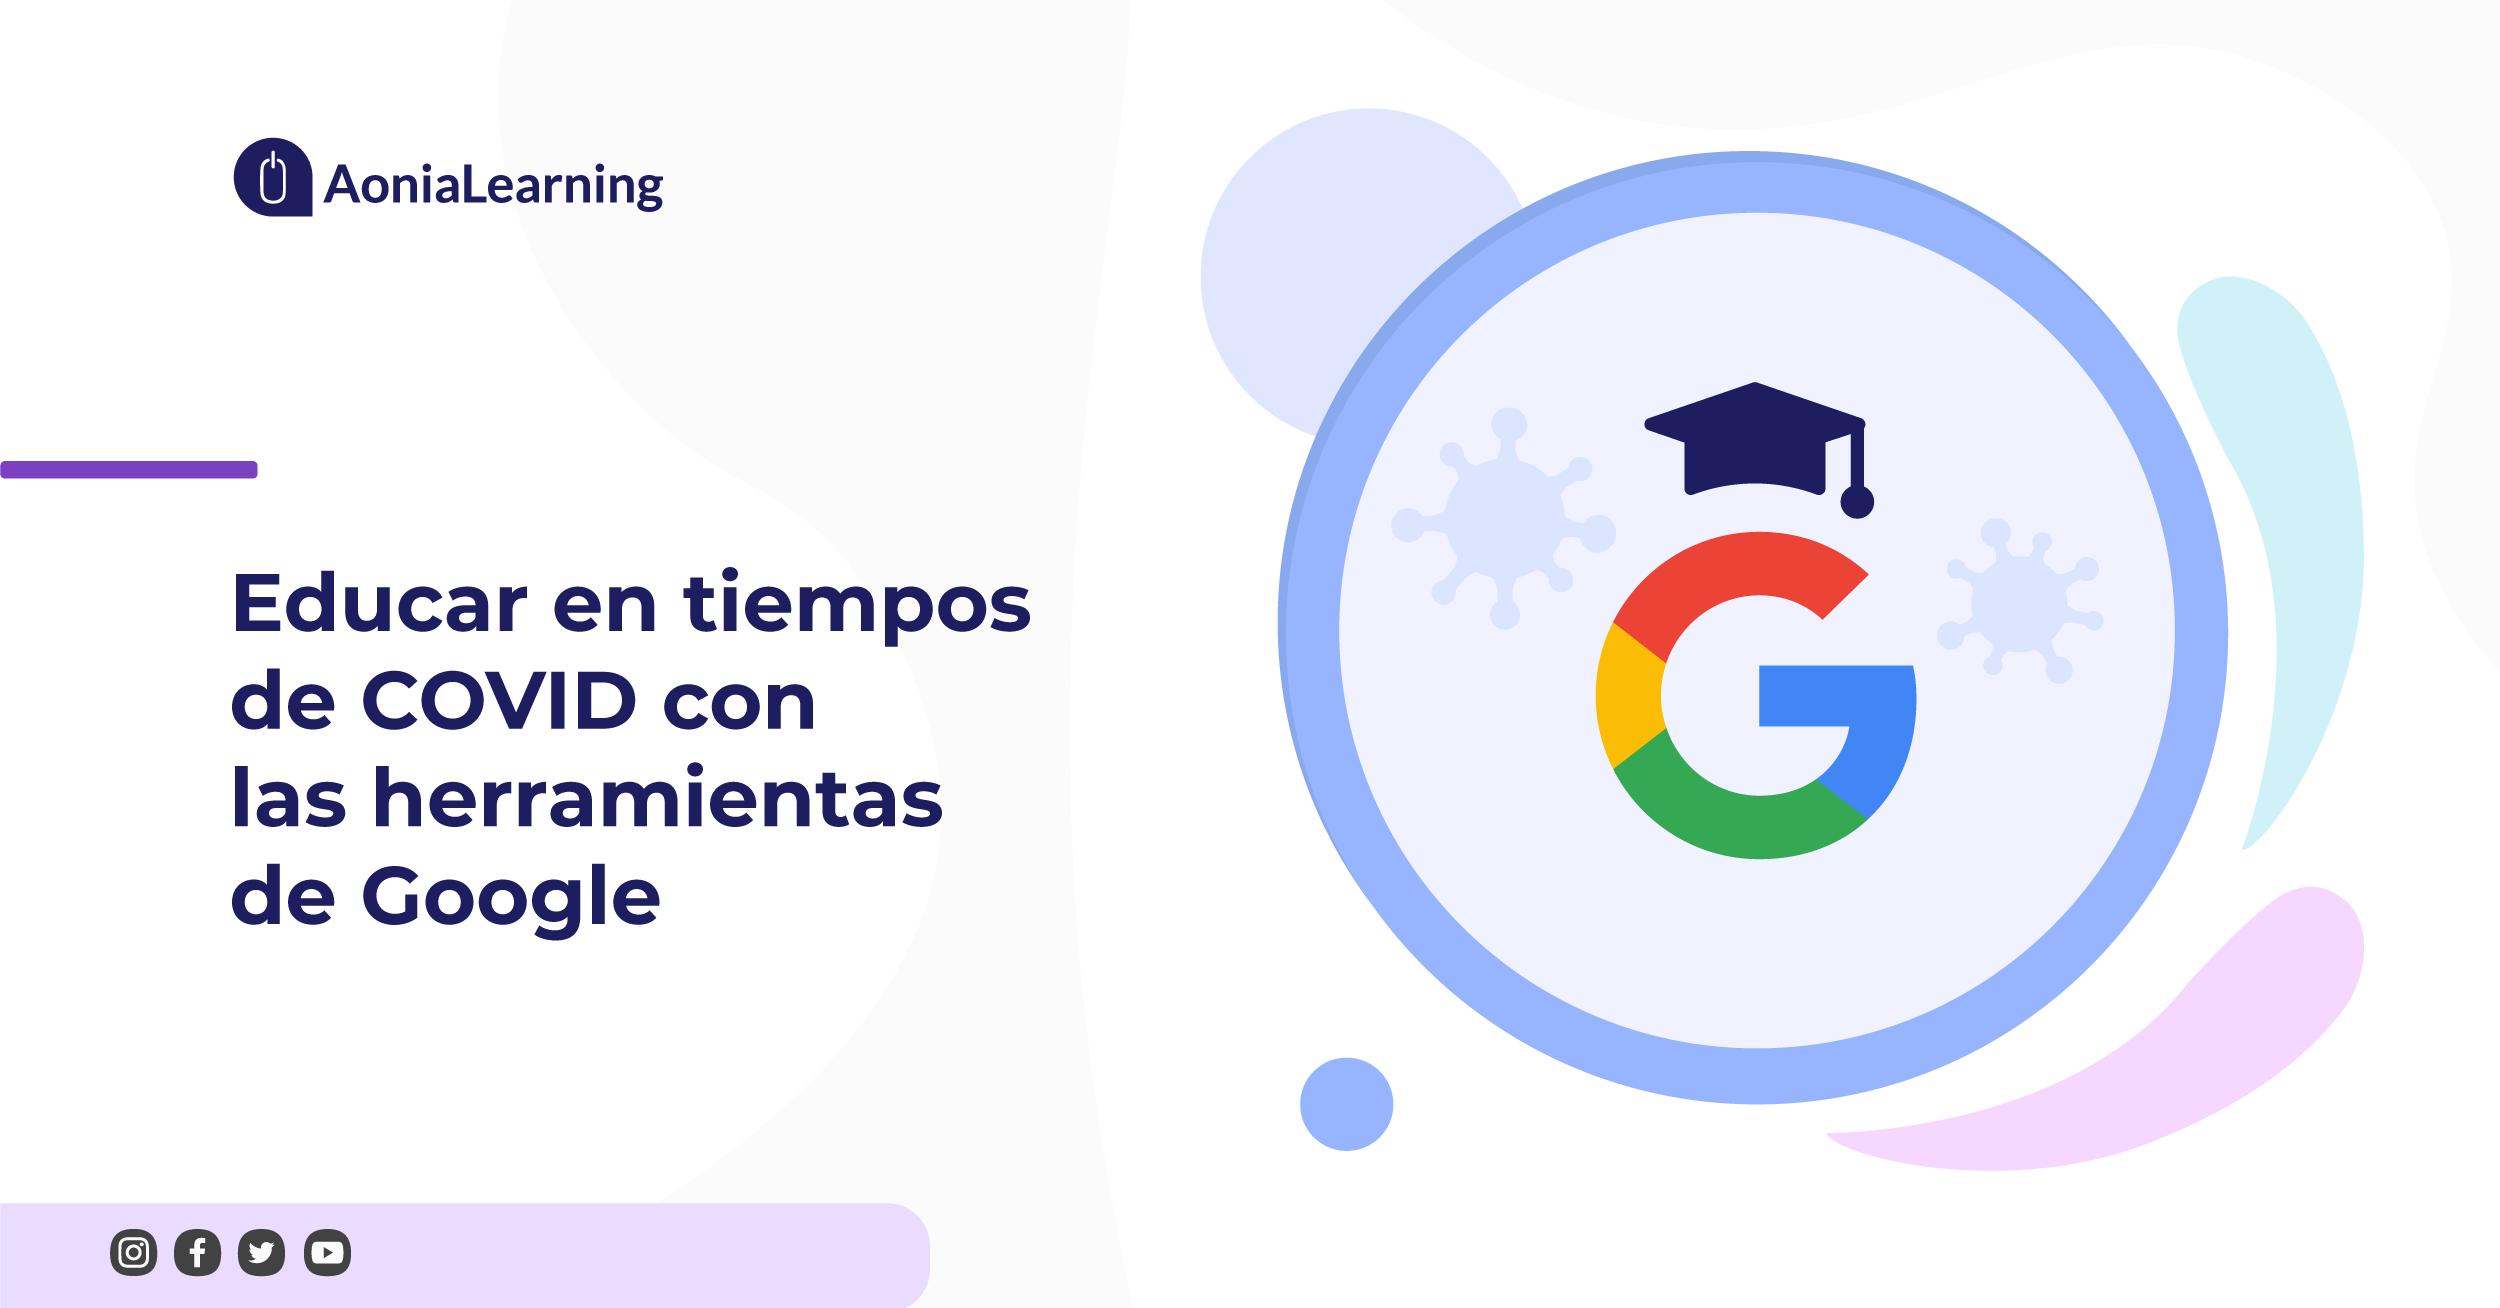 Educar en tiempos de COVID con las herramientas de Google